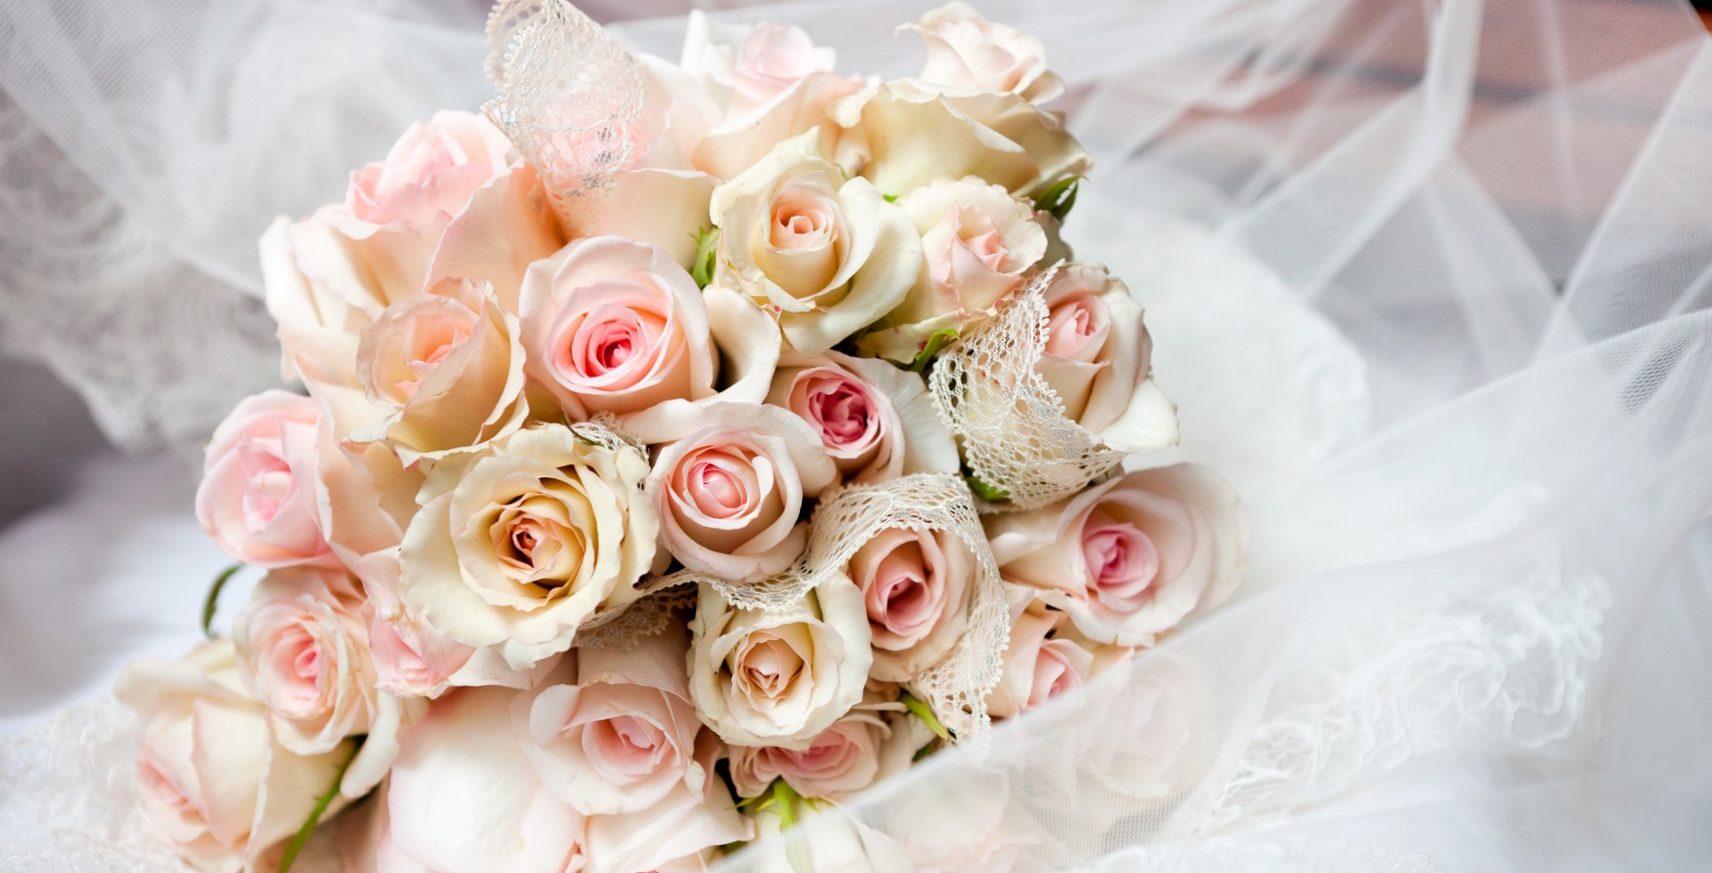 Букет на свадьбу в подарок молодоженам